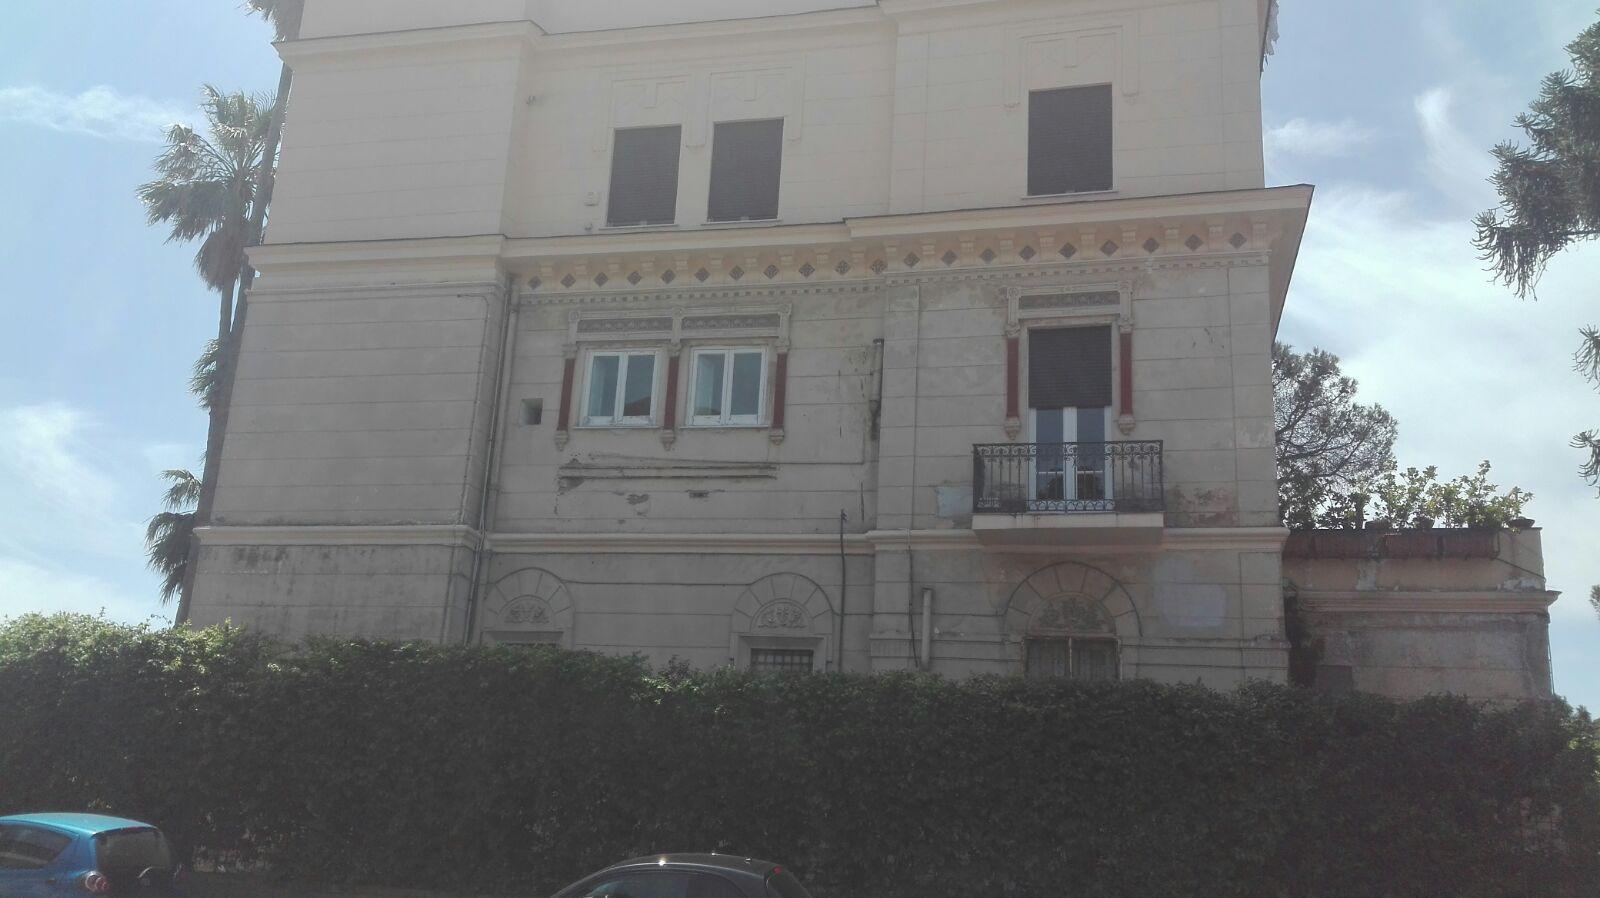 Innovazione immobiliare srl for Casa artigiana piani 3 box auto